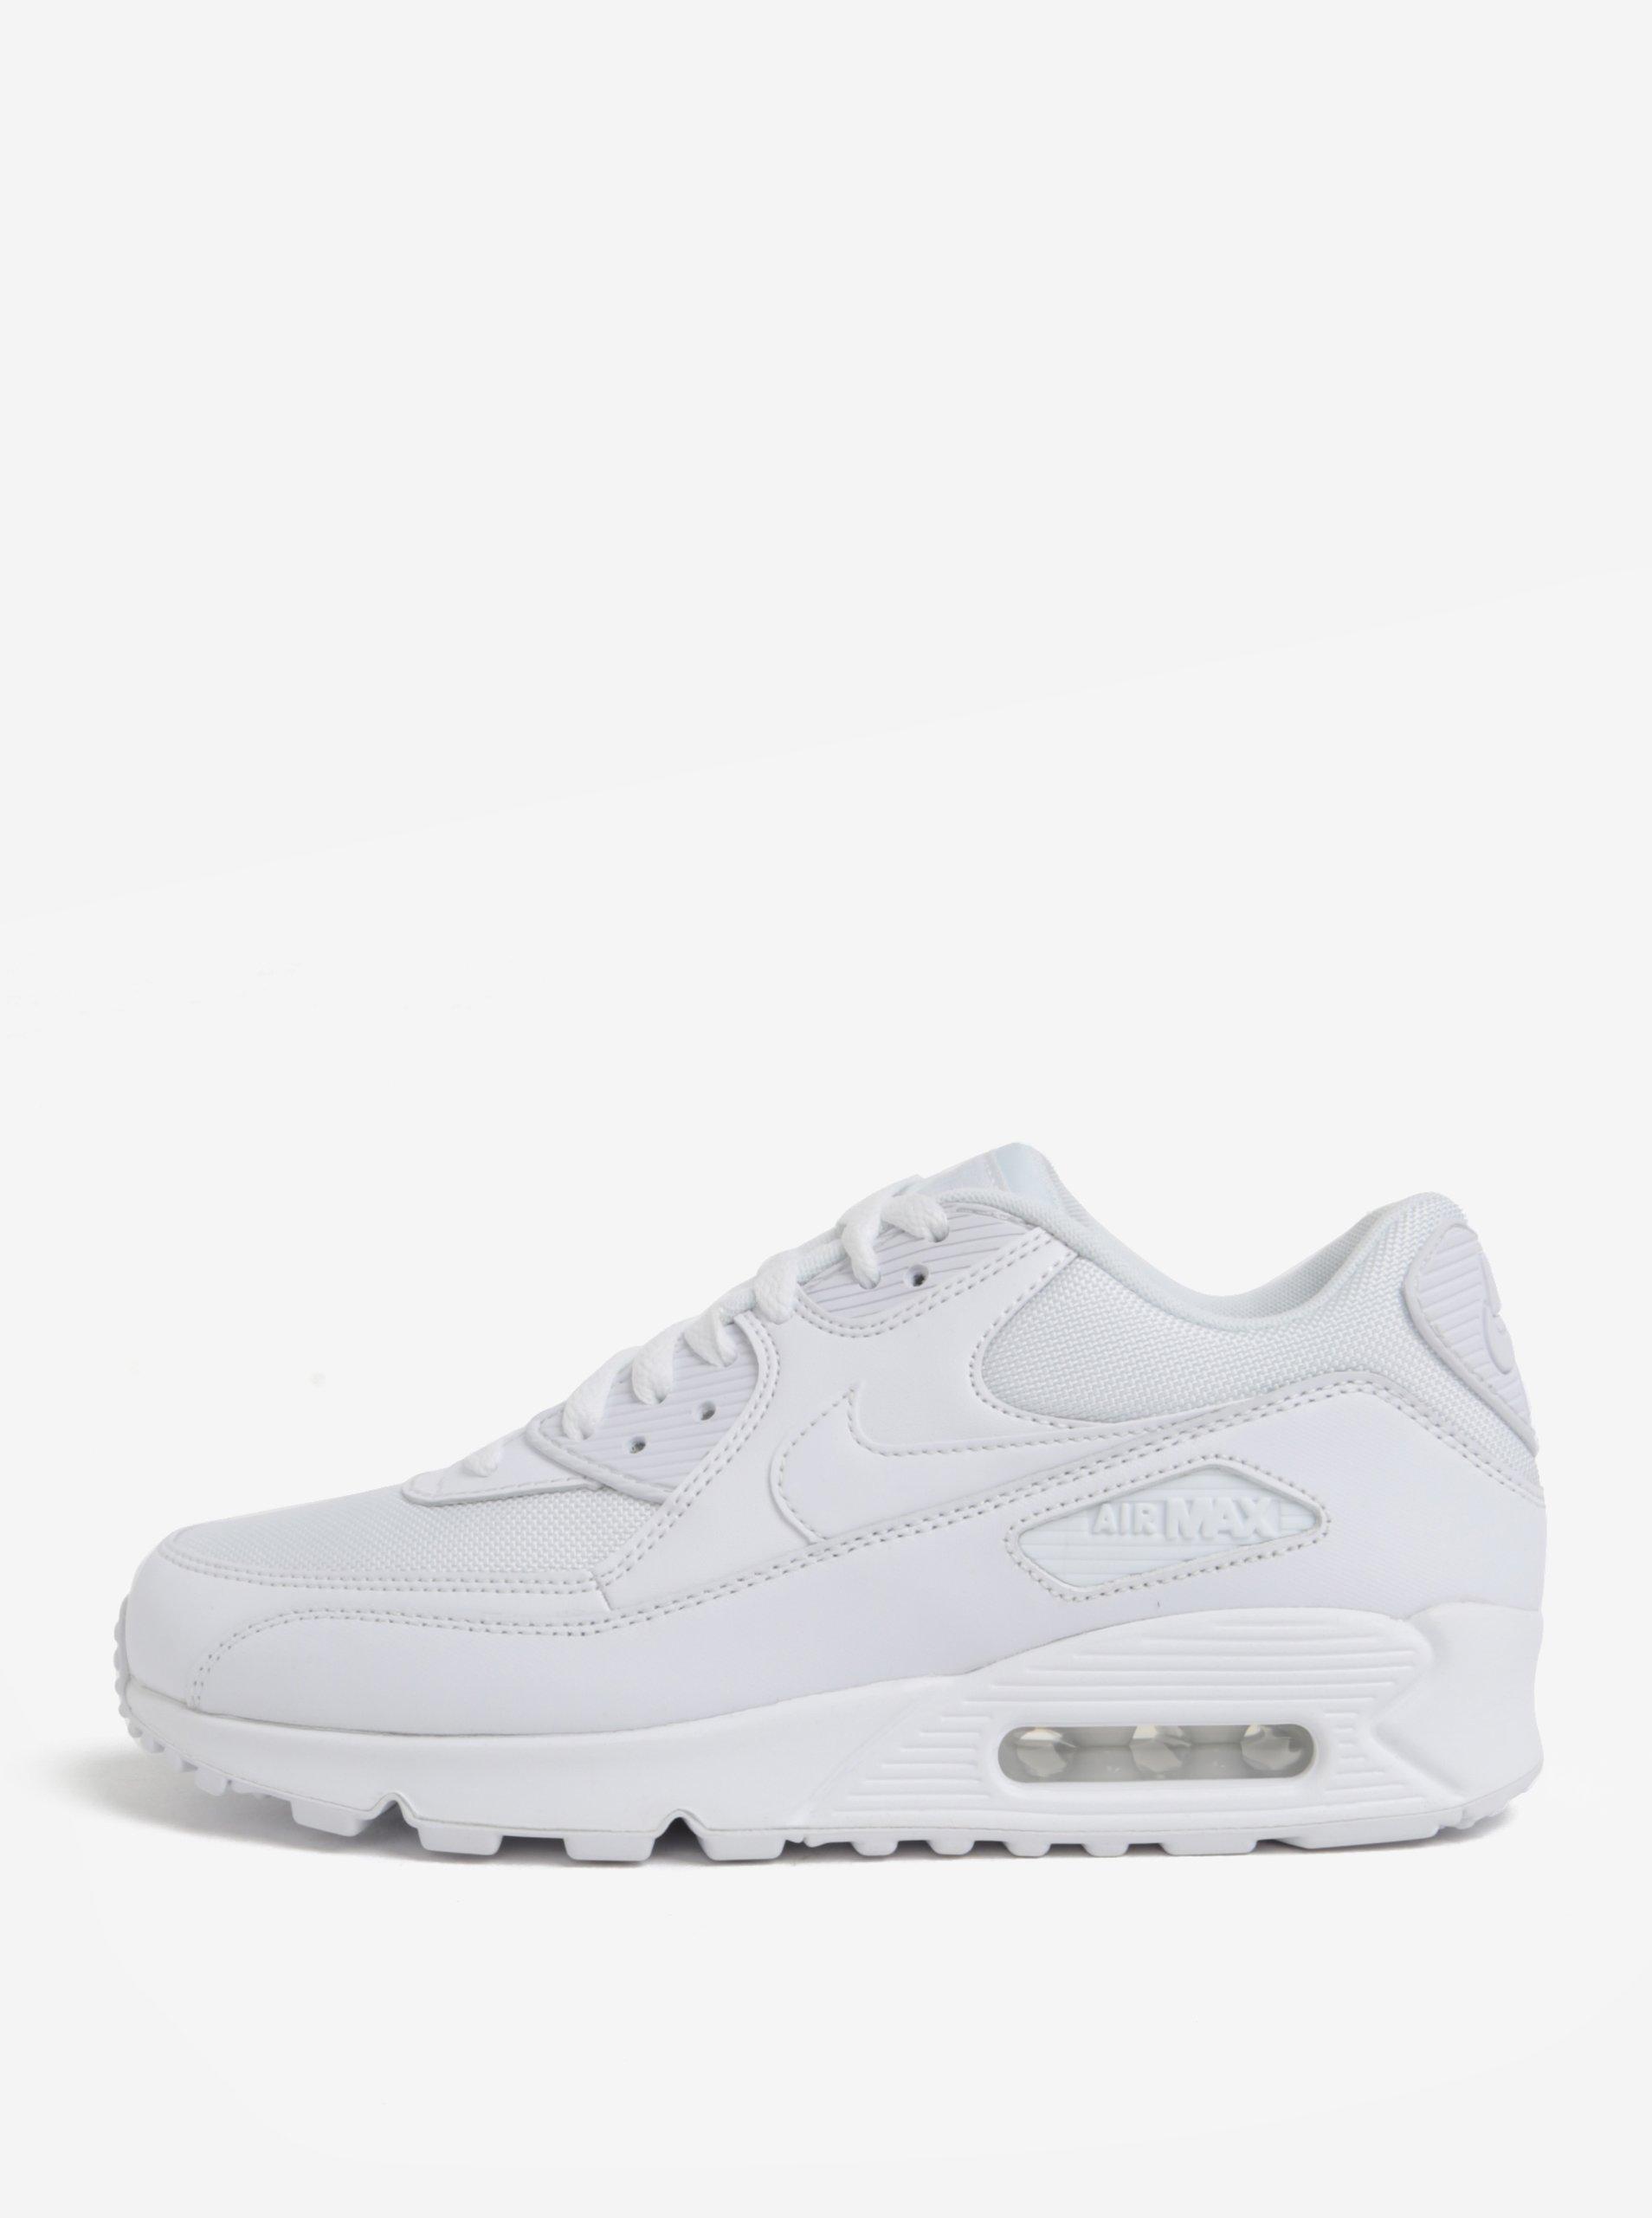 e589a7246ee Biele pánske kožené tenisky Nike Air Max  90 Essential